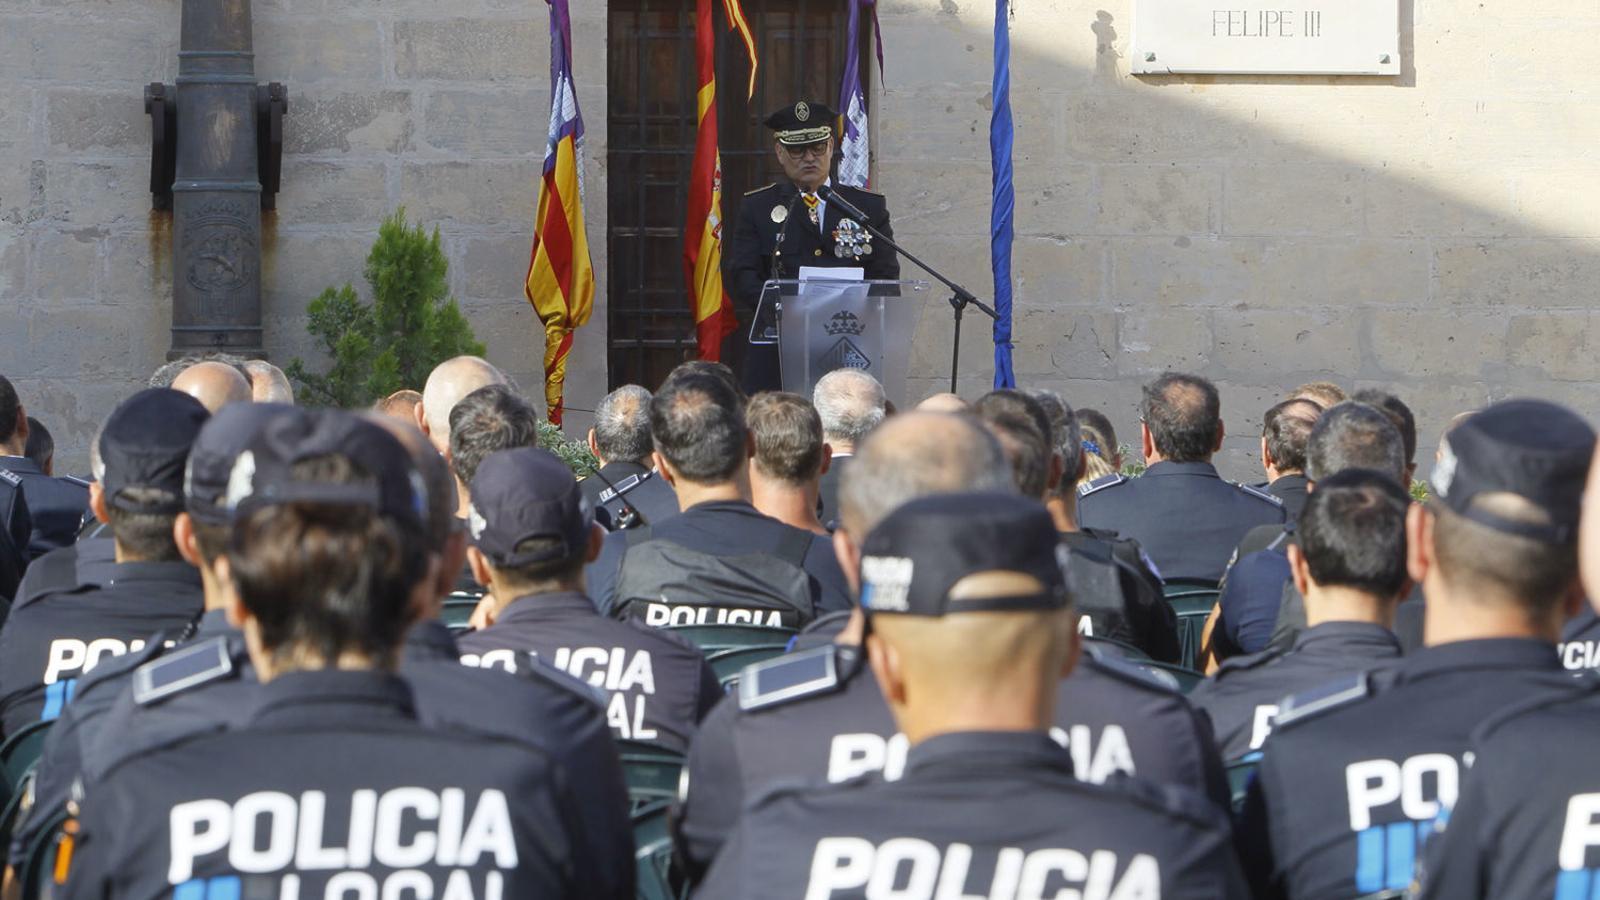 Només un 10% de la plantilla de la Policia Local són dones a Palma.